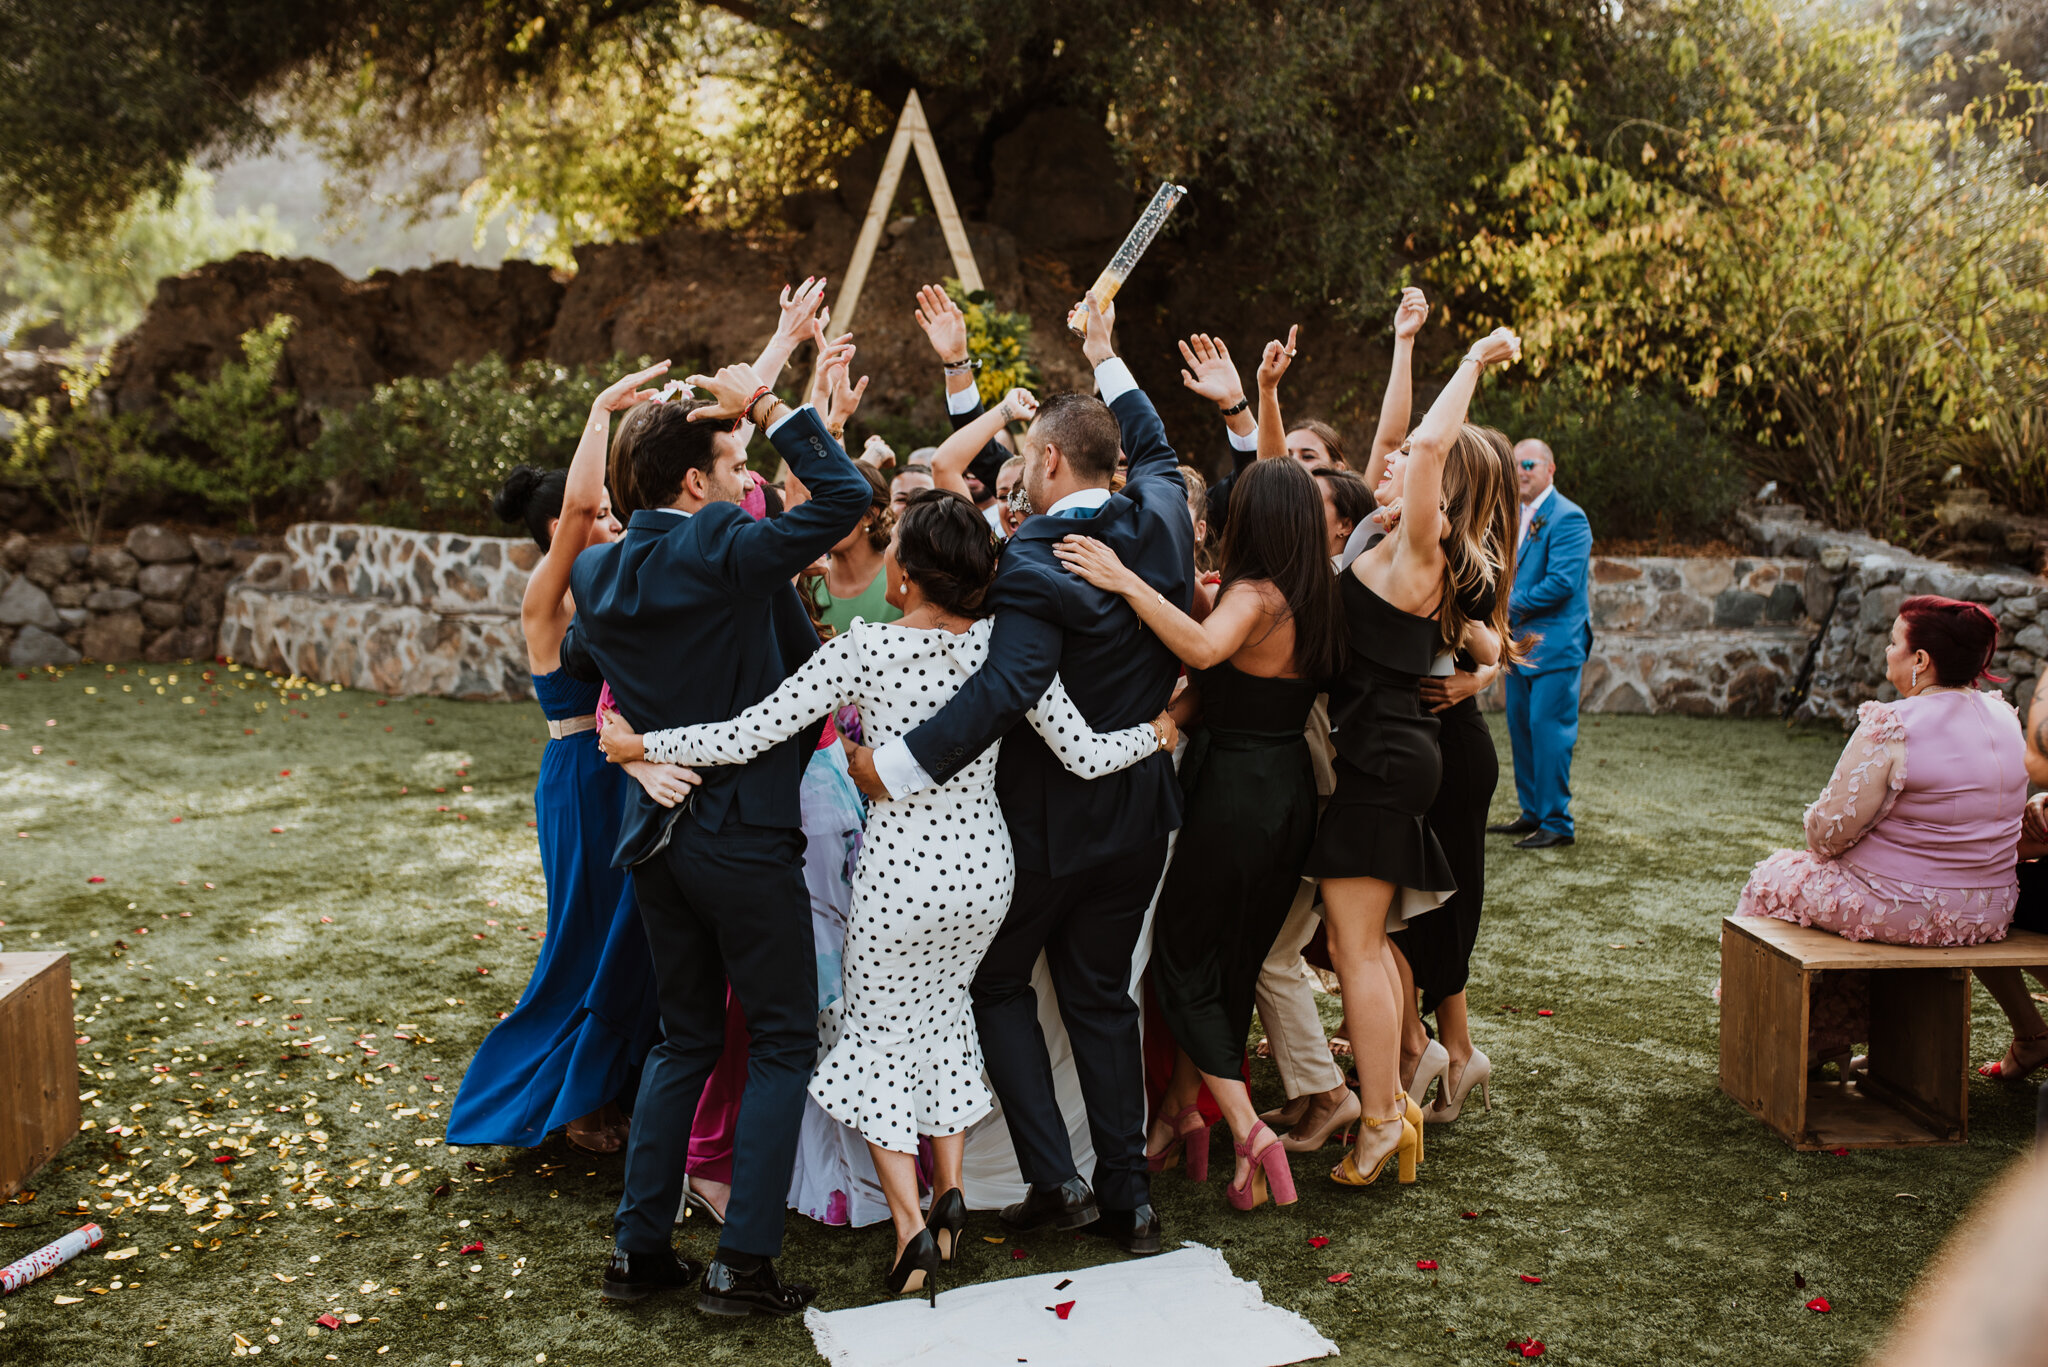 fotografo de bodas las palmas_-85.jpg